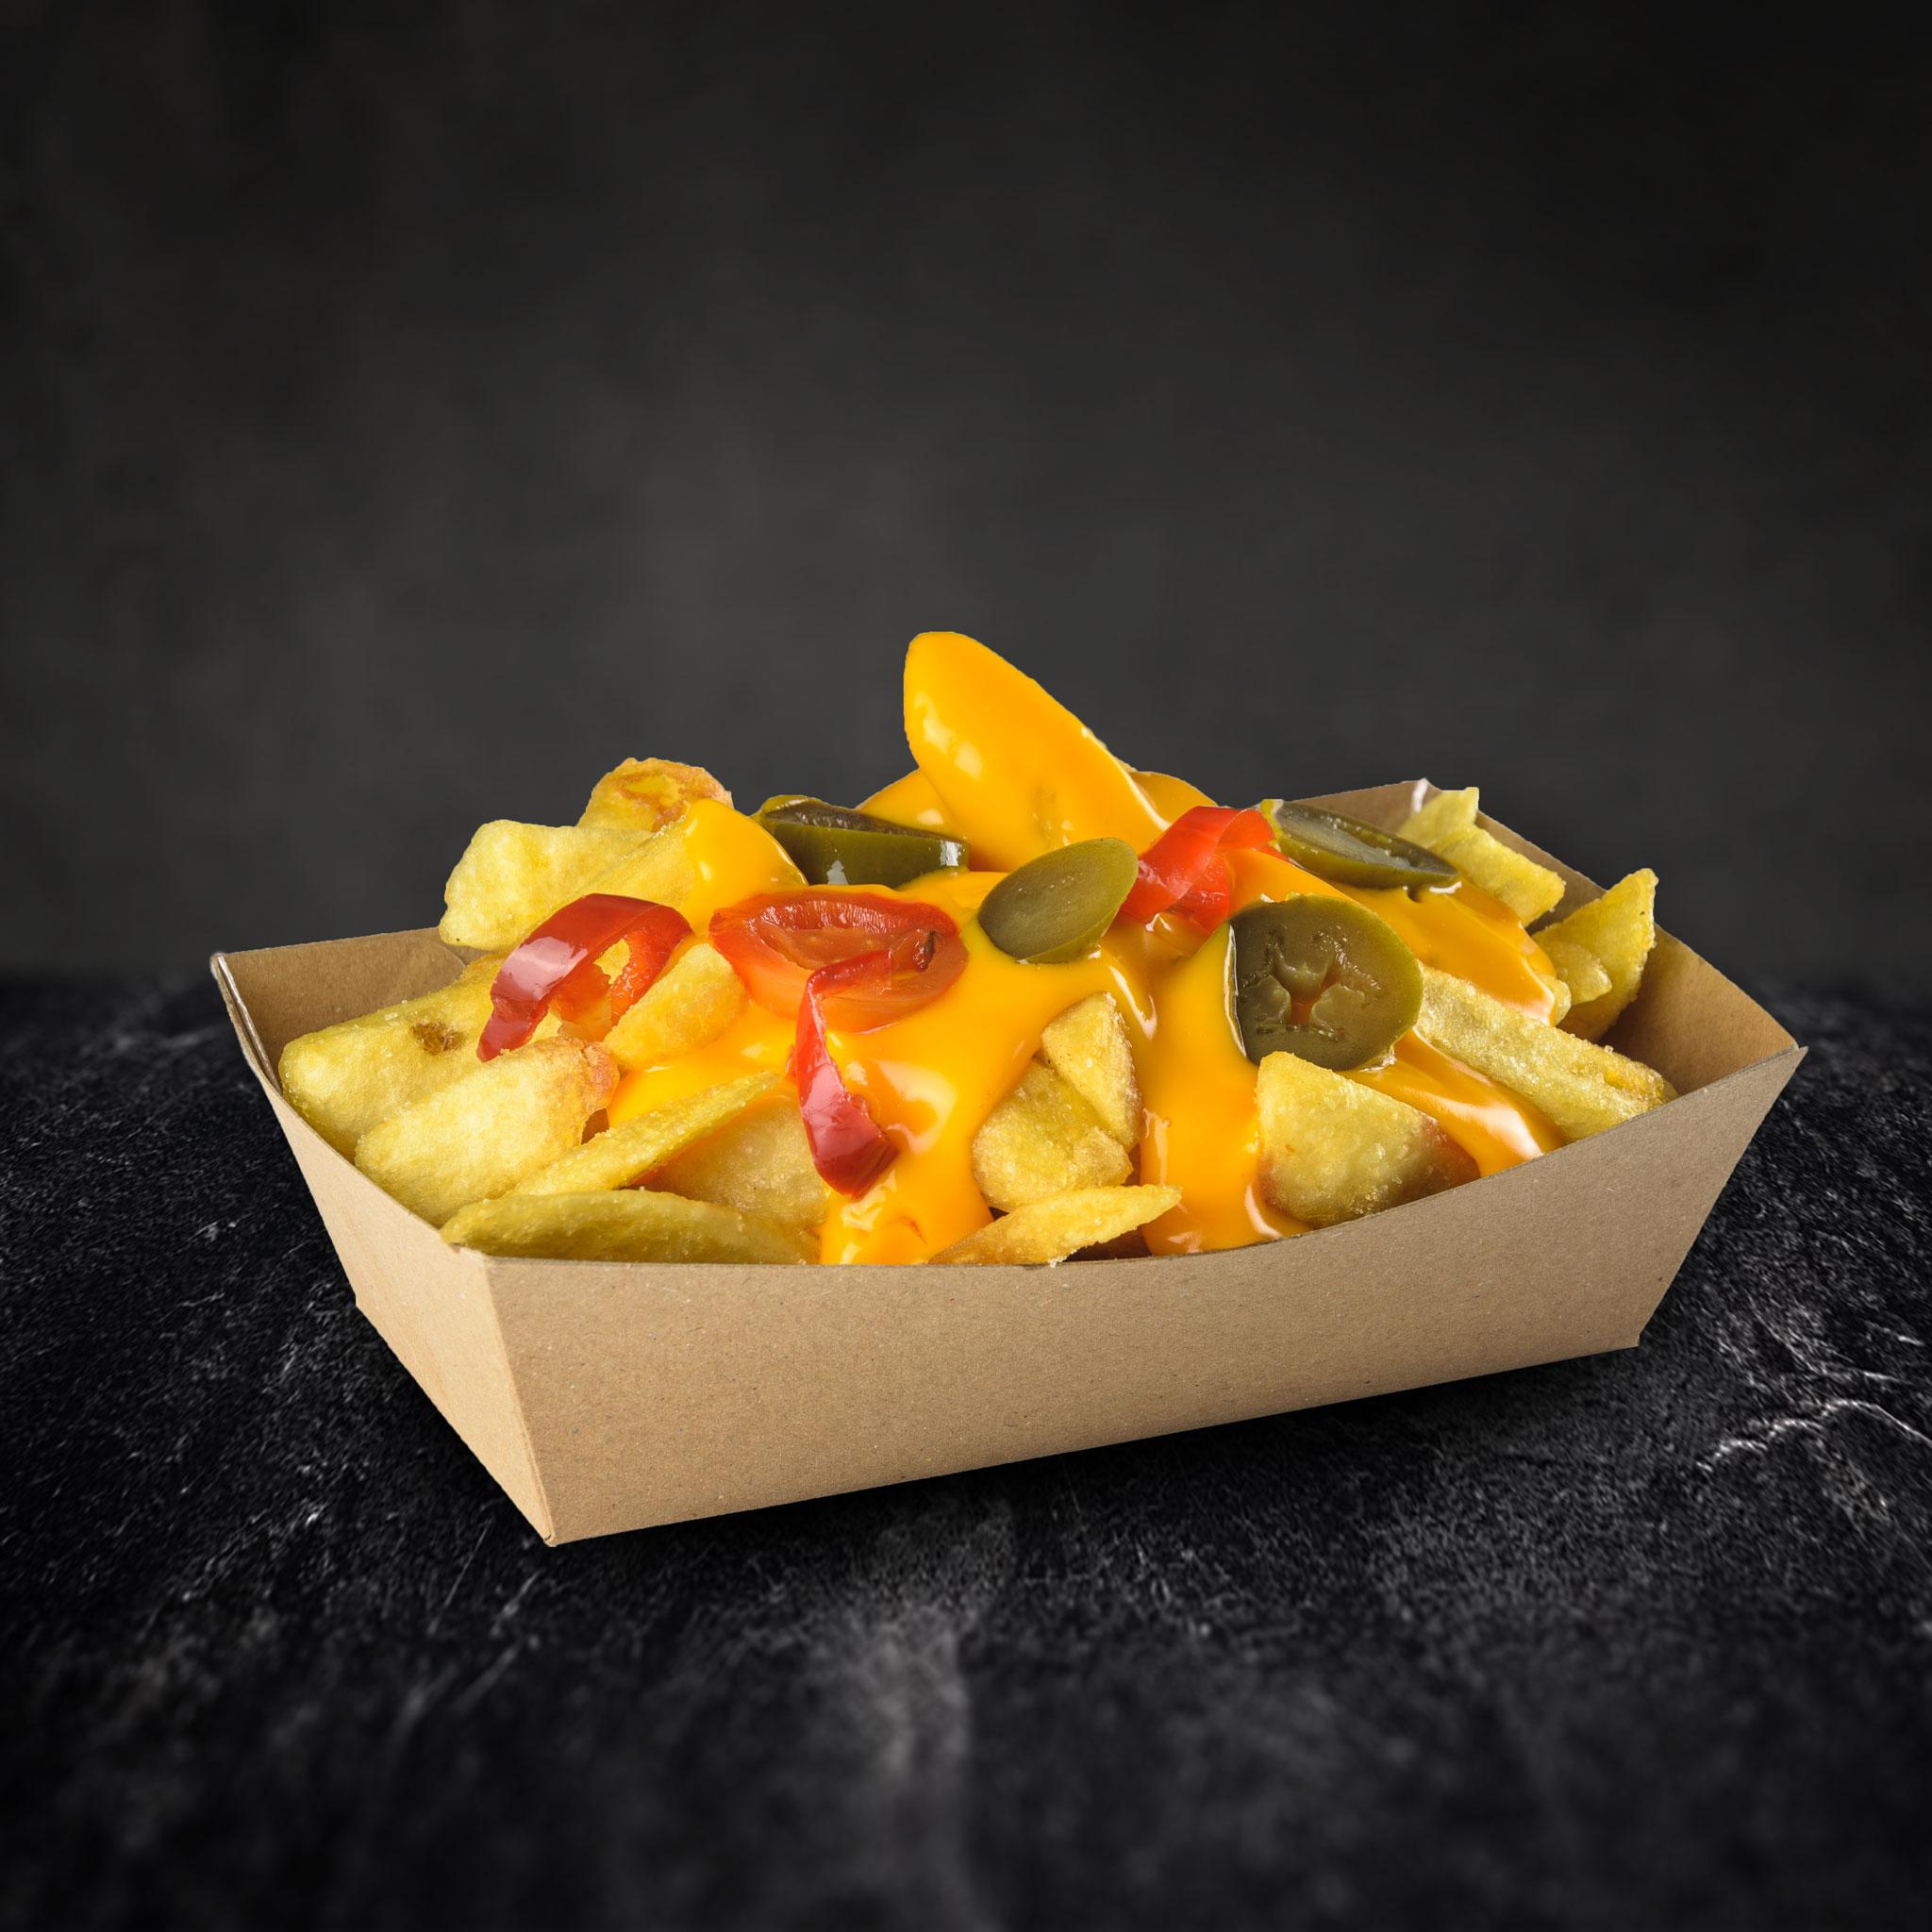 Chilli Cheese - feurige Jalapenos mit einer herzhaften Käsesauce